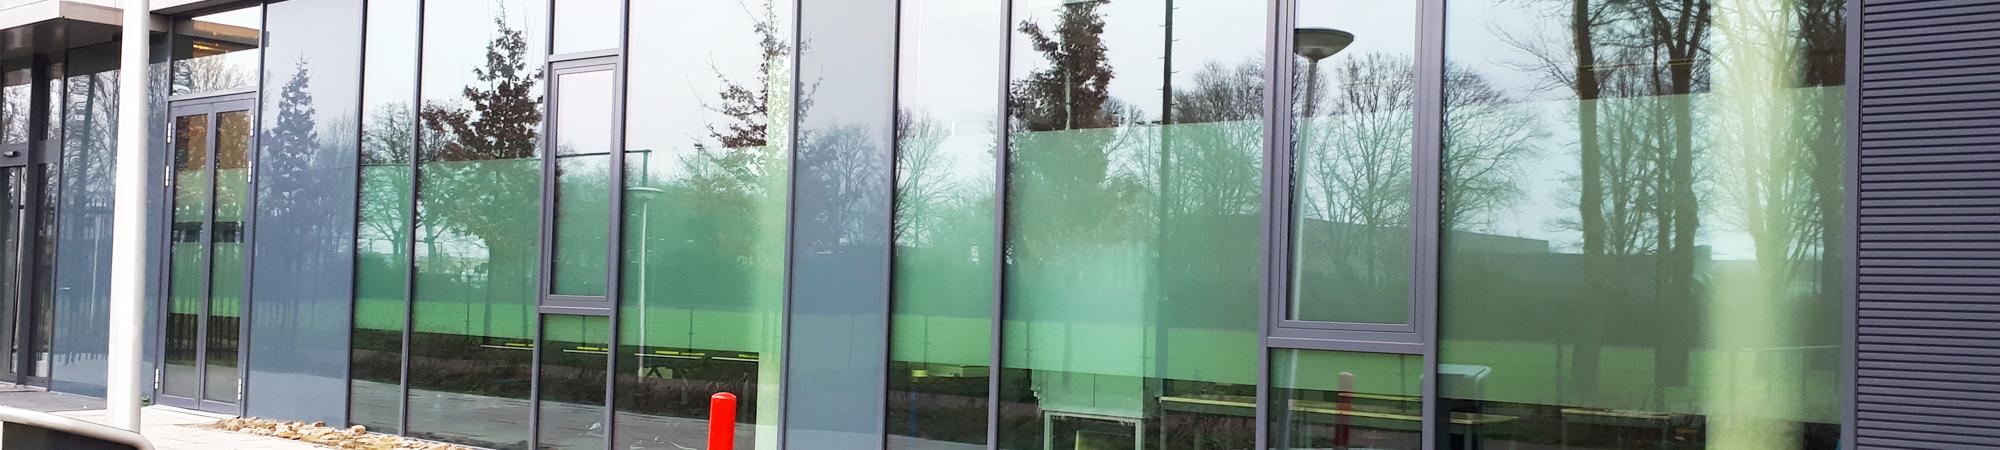 Raamfolie - Stedelijk College